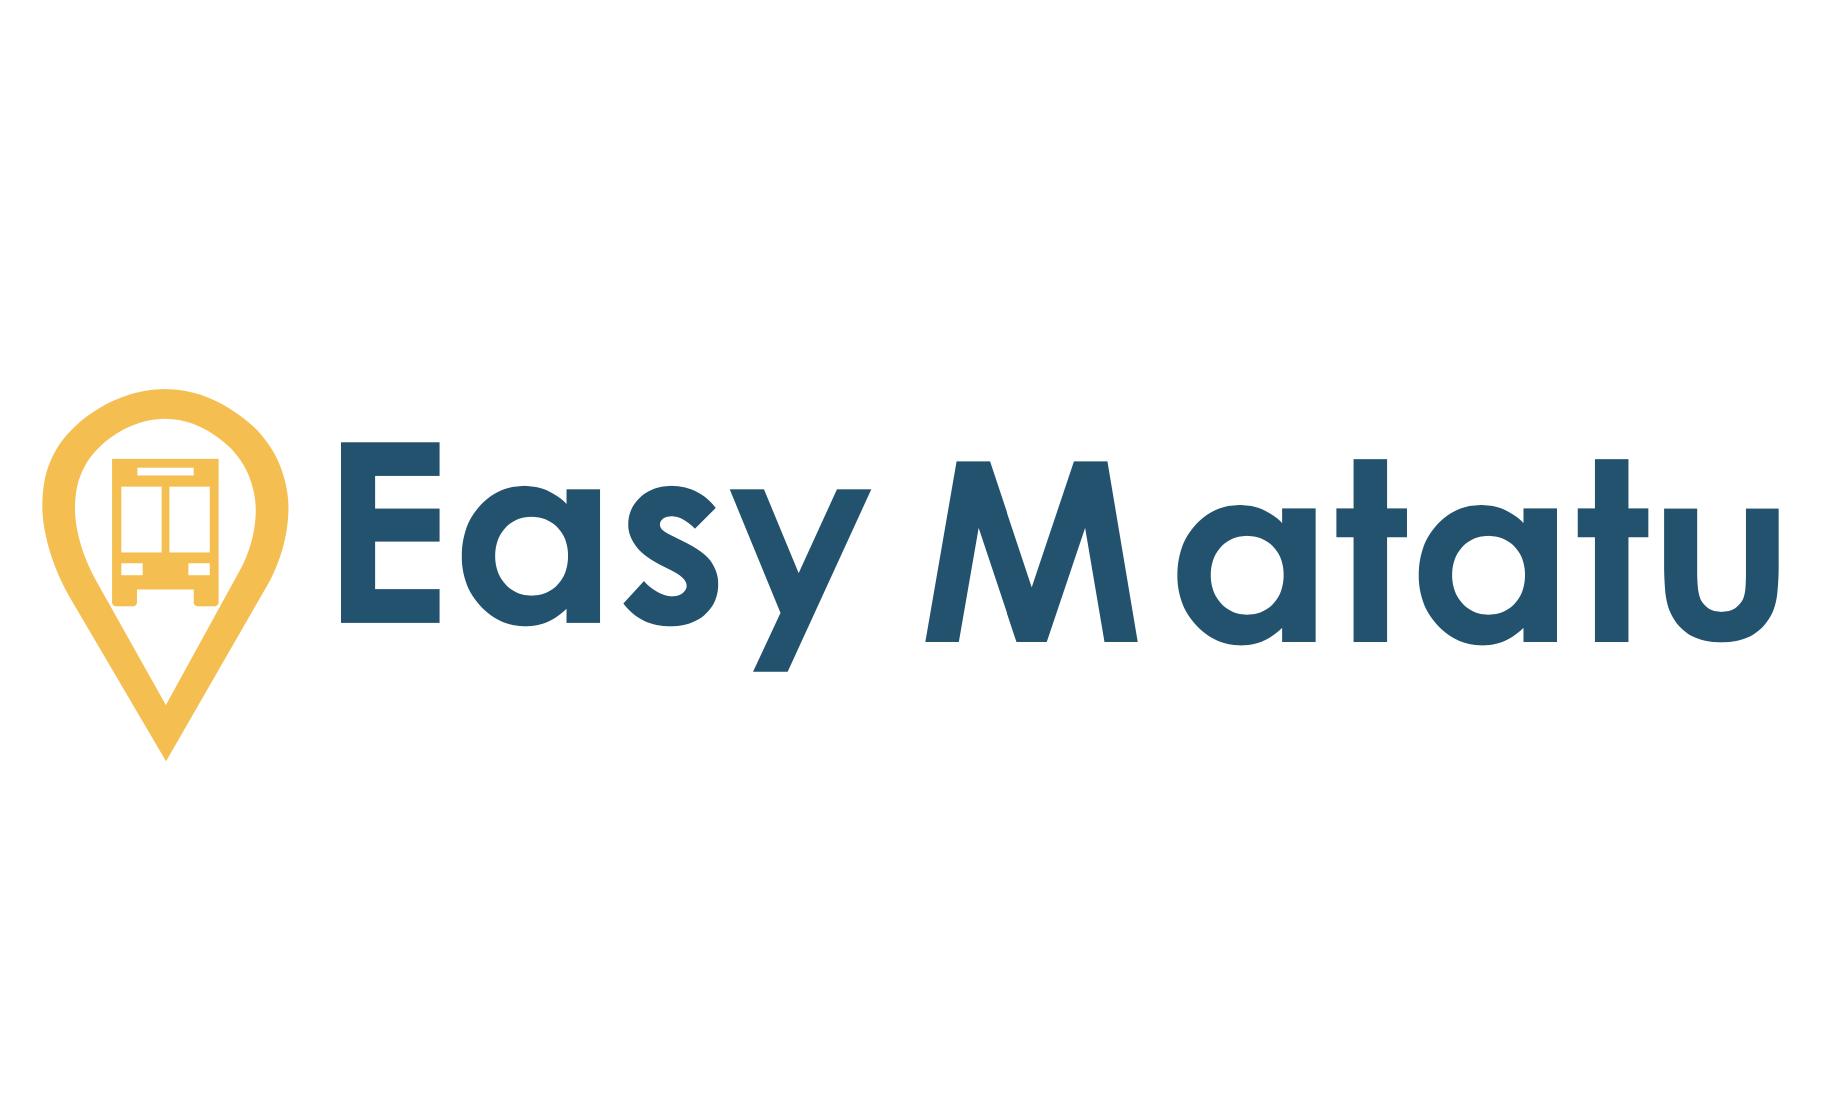 Easy Matatu